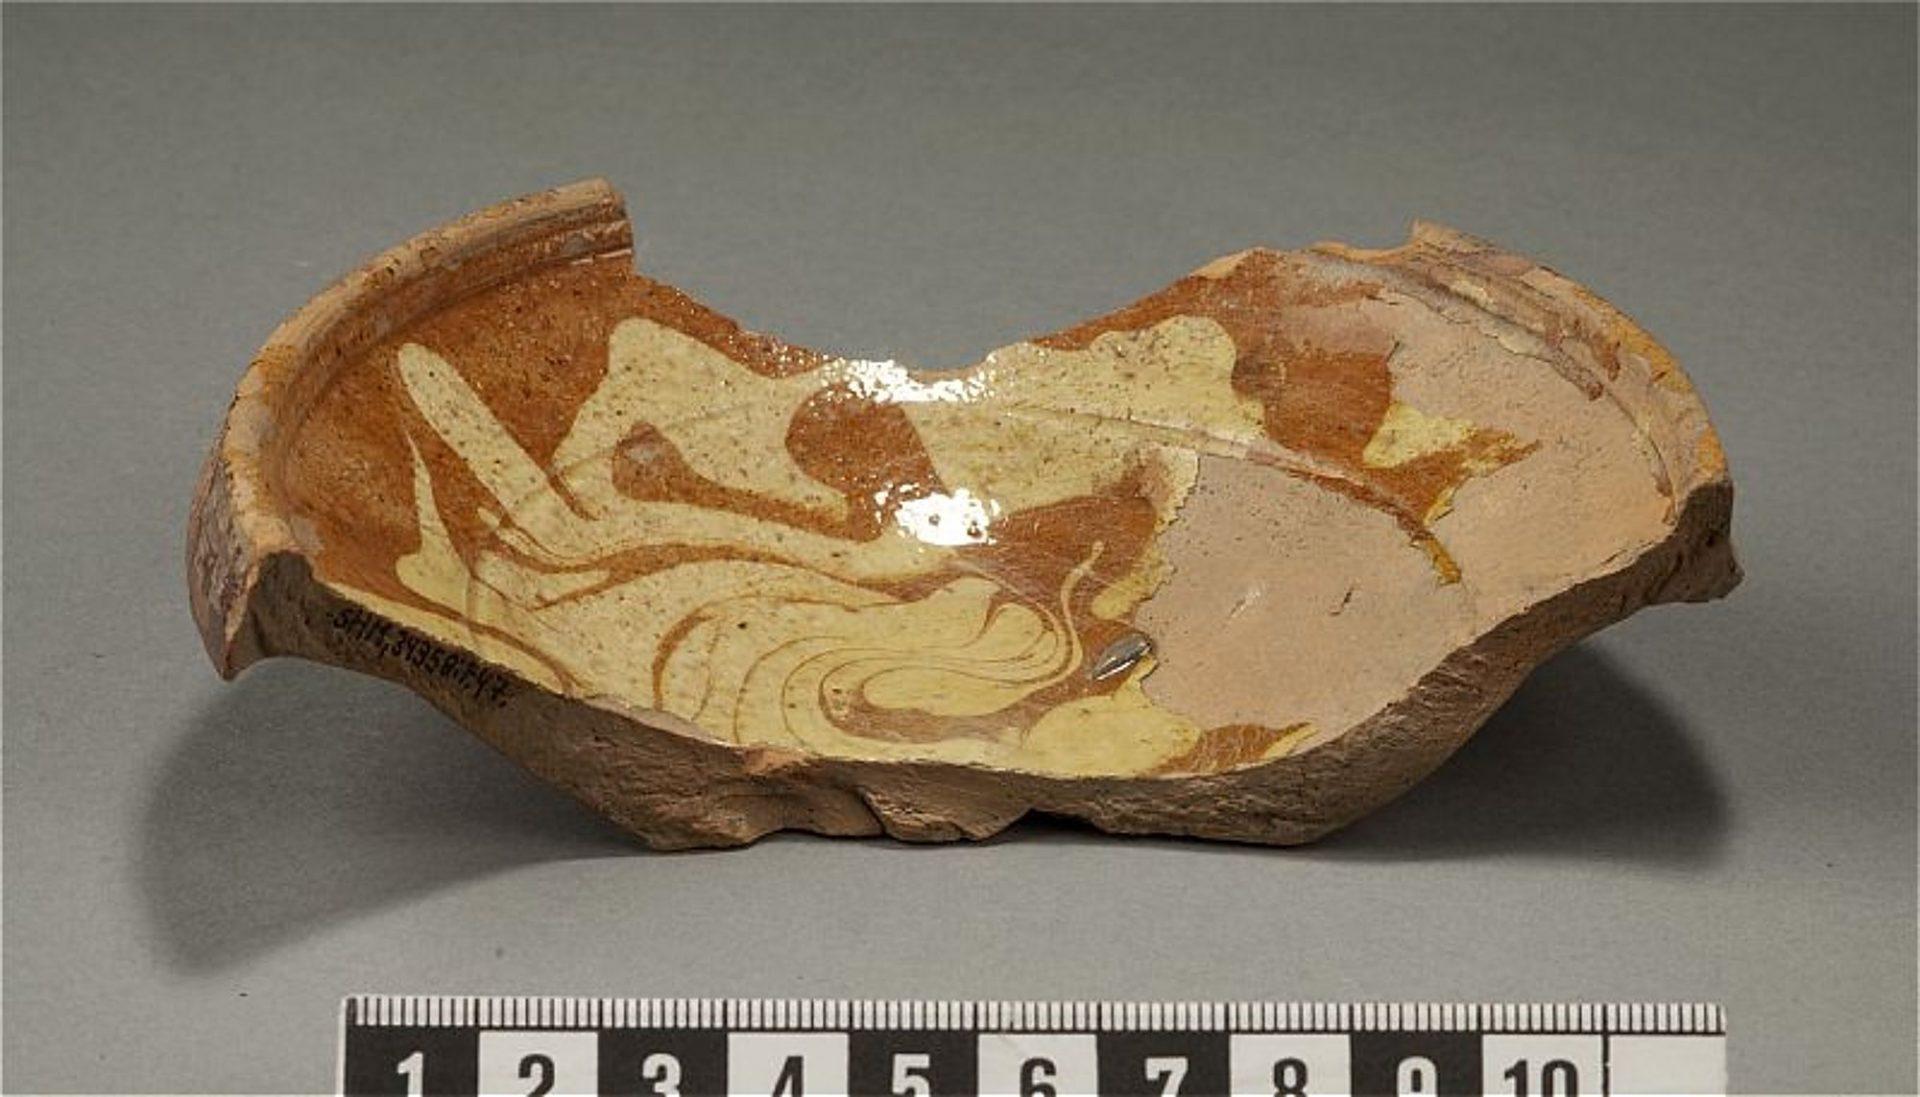 Skärvan av en keramikskål är ldekorerad i rödbrunt och vitt och glaserad. Skålen är vid och har en tjockare kant.